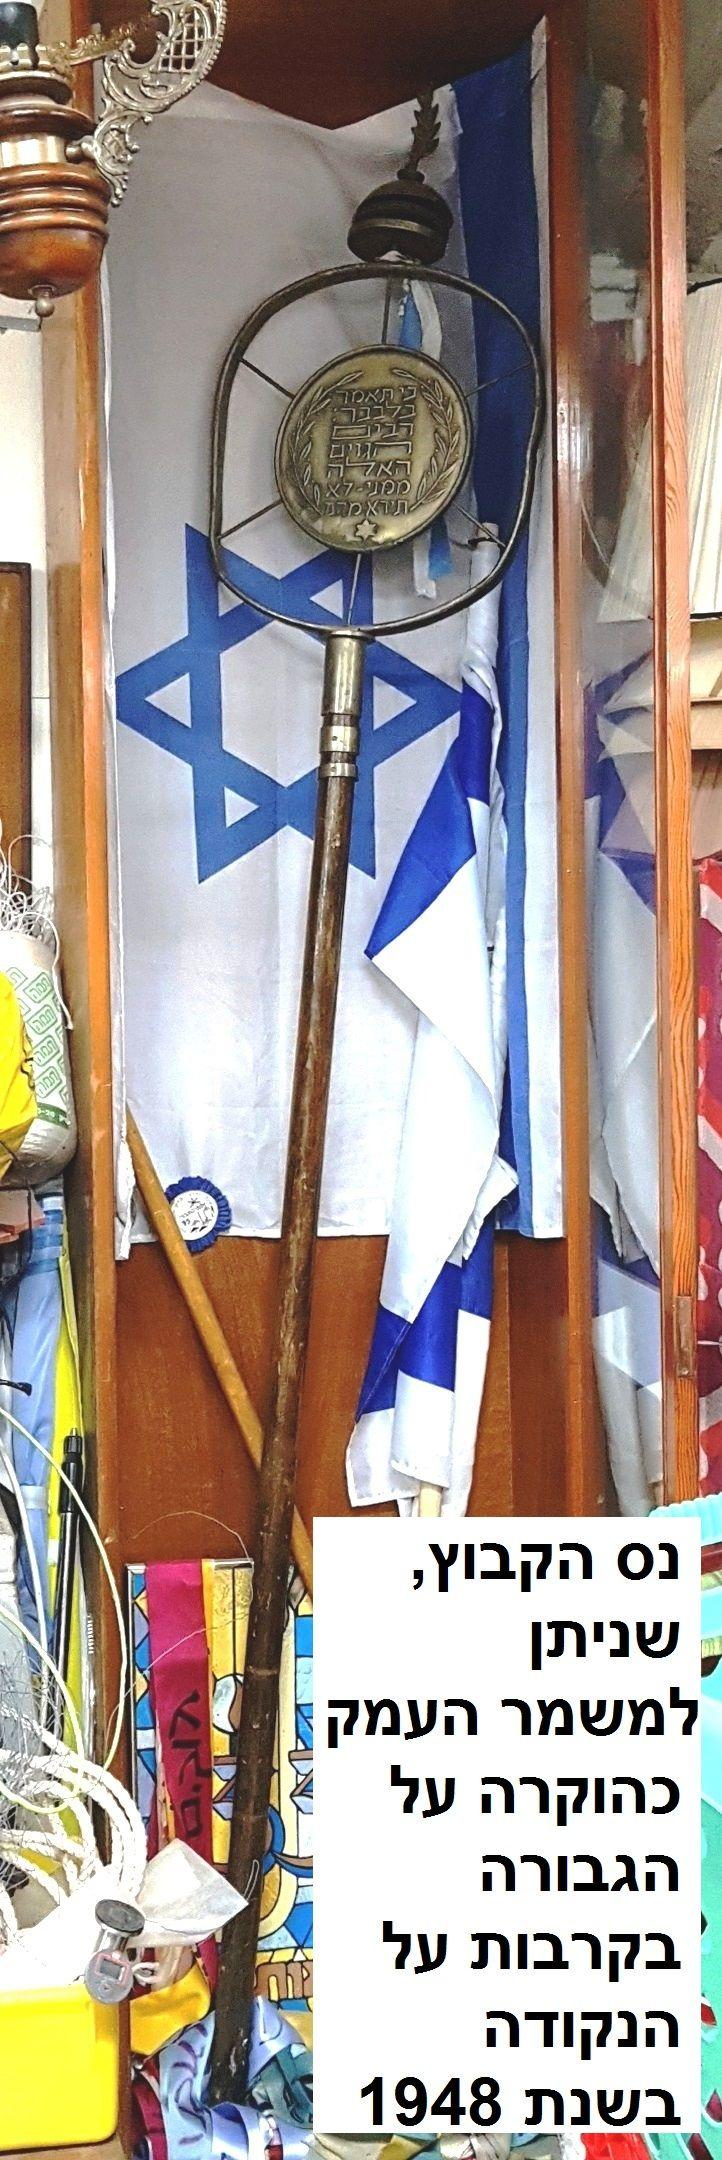 דגל הקבוץ ונס הקבוץ